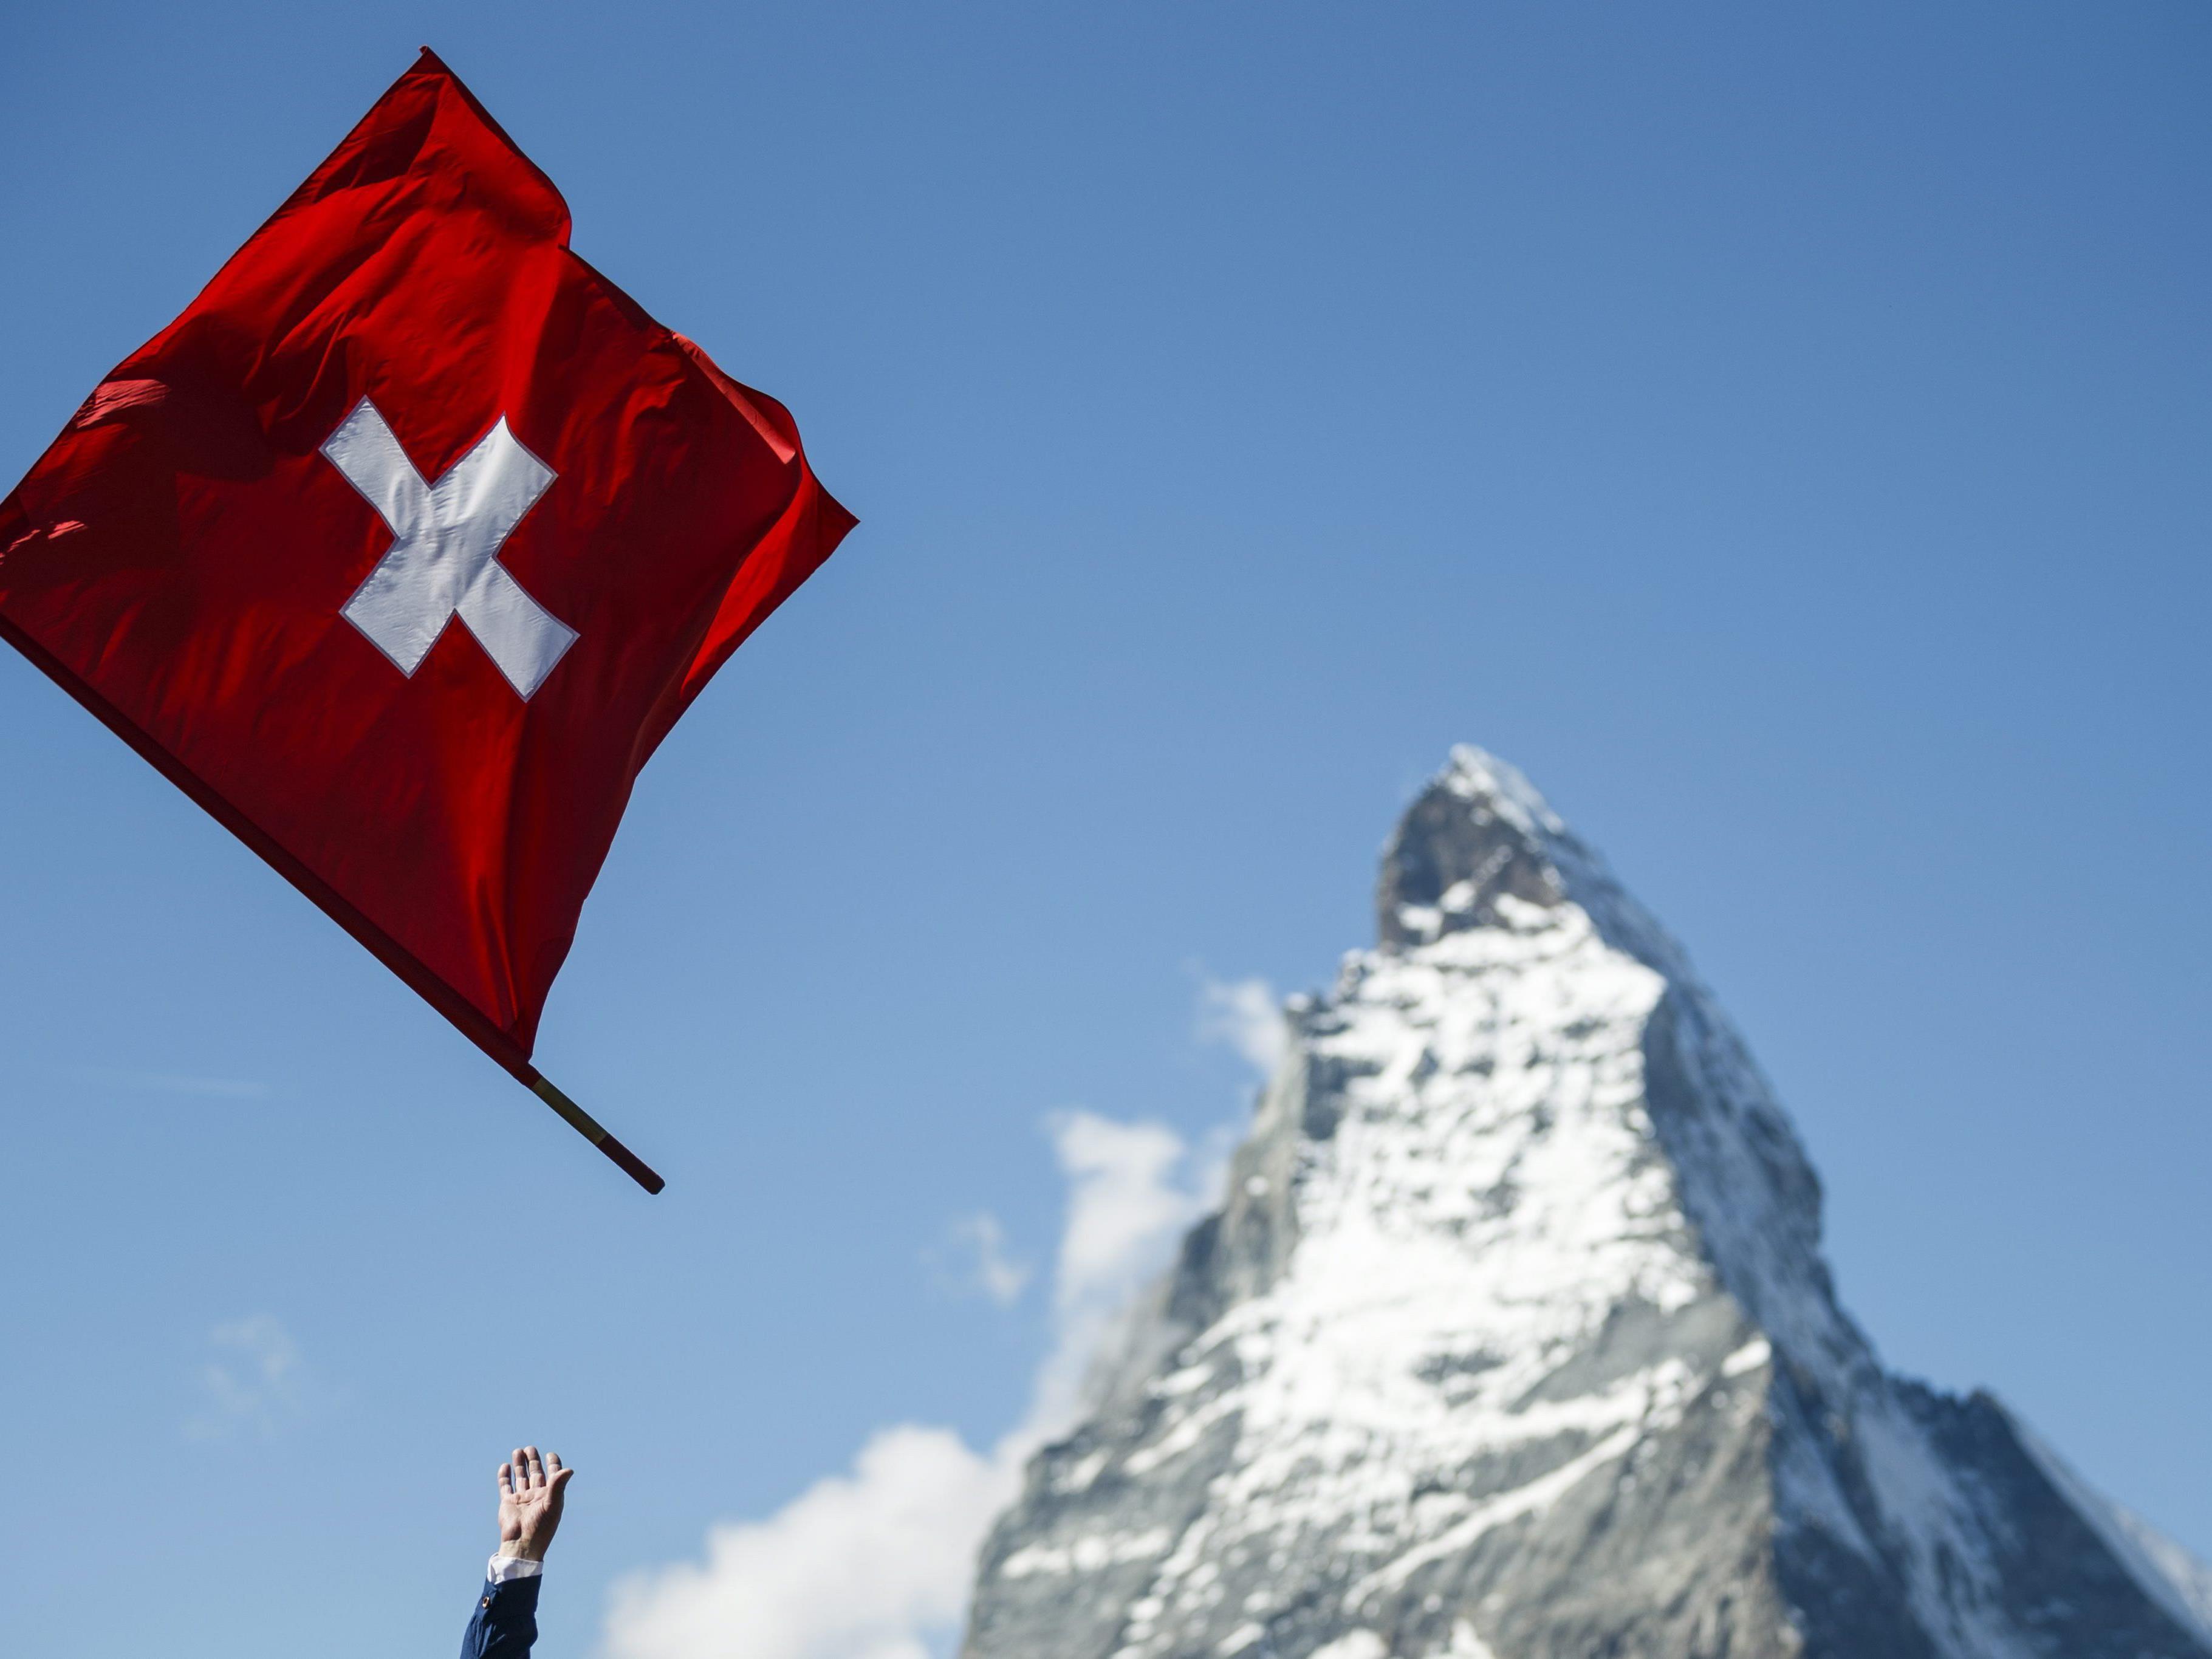 1979 - Die höchste Seilbahn Europas auf das Kleine Matterhorn (3.820 Meter) wird in Betrieb genommen.